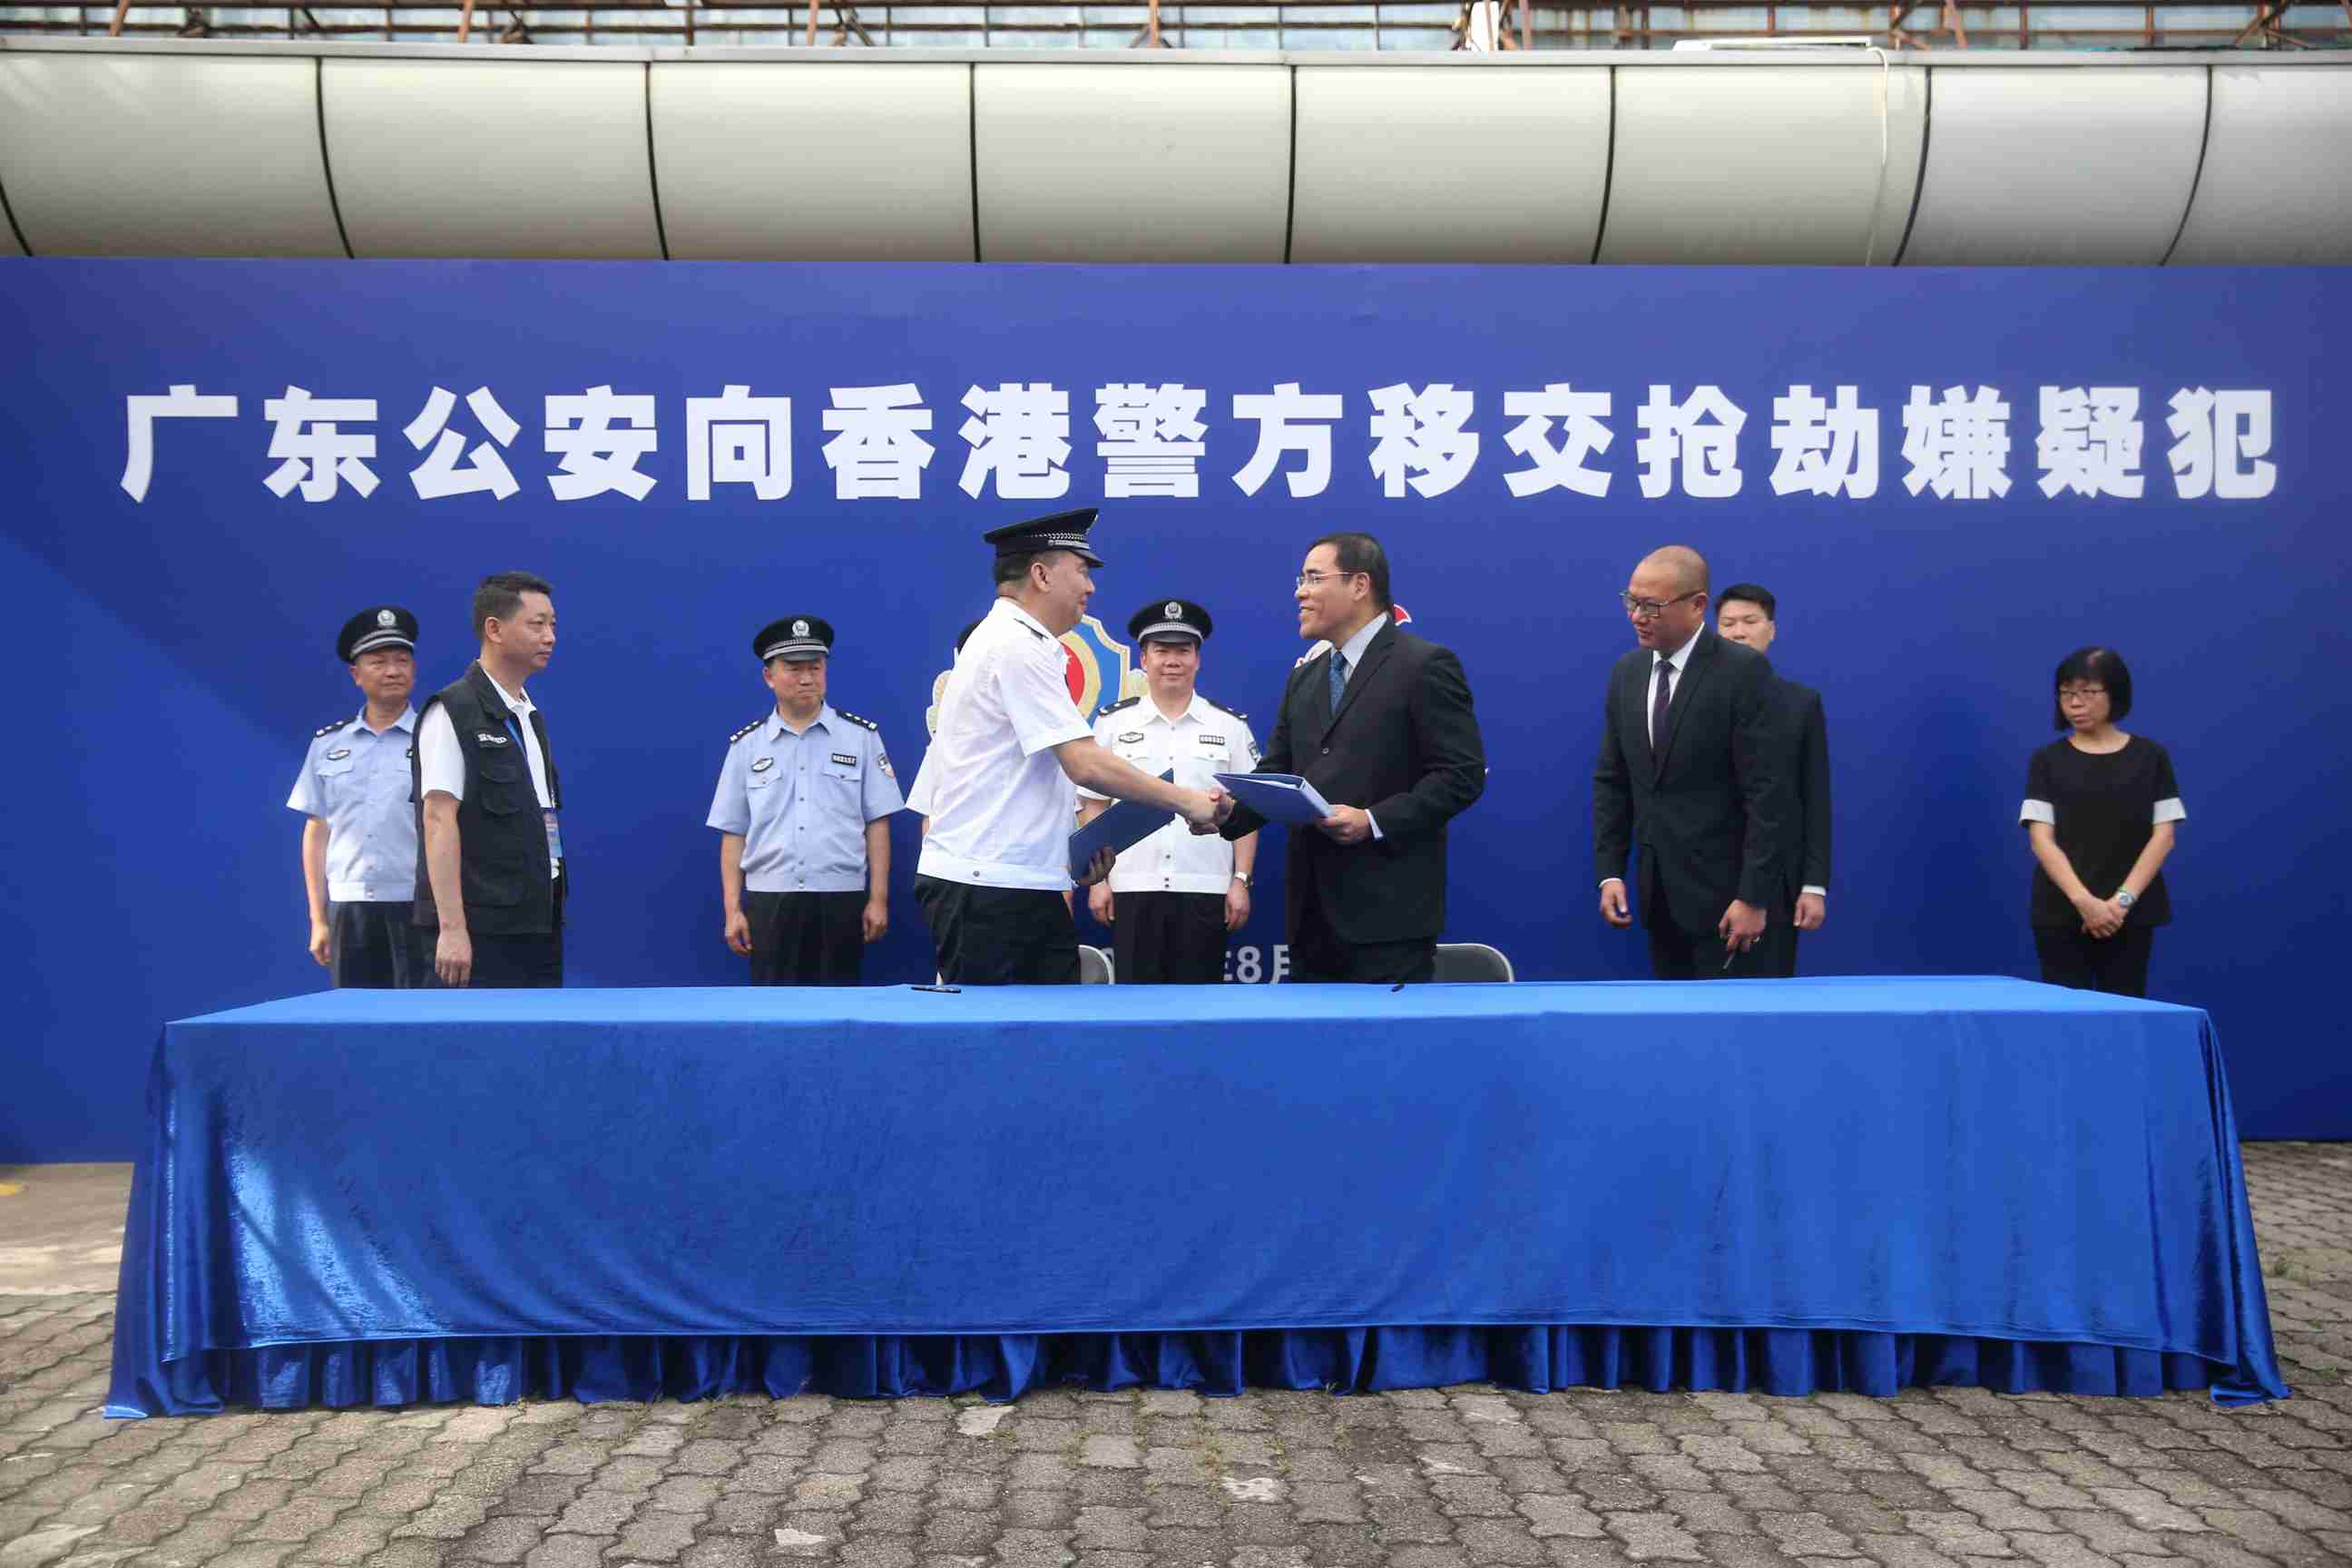 广东警方向香港警方移交三名香港籍犯罪嫌疑人